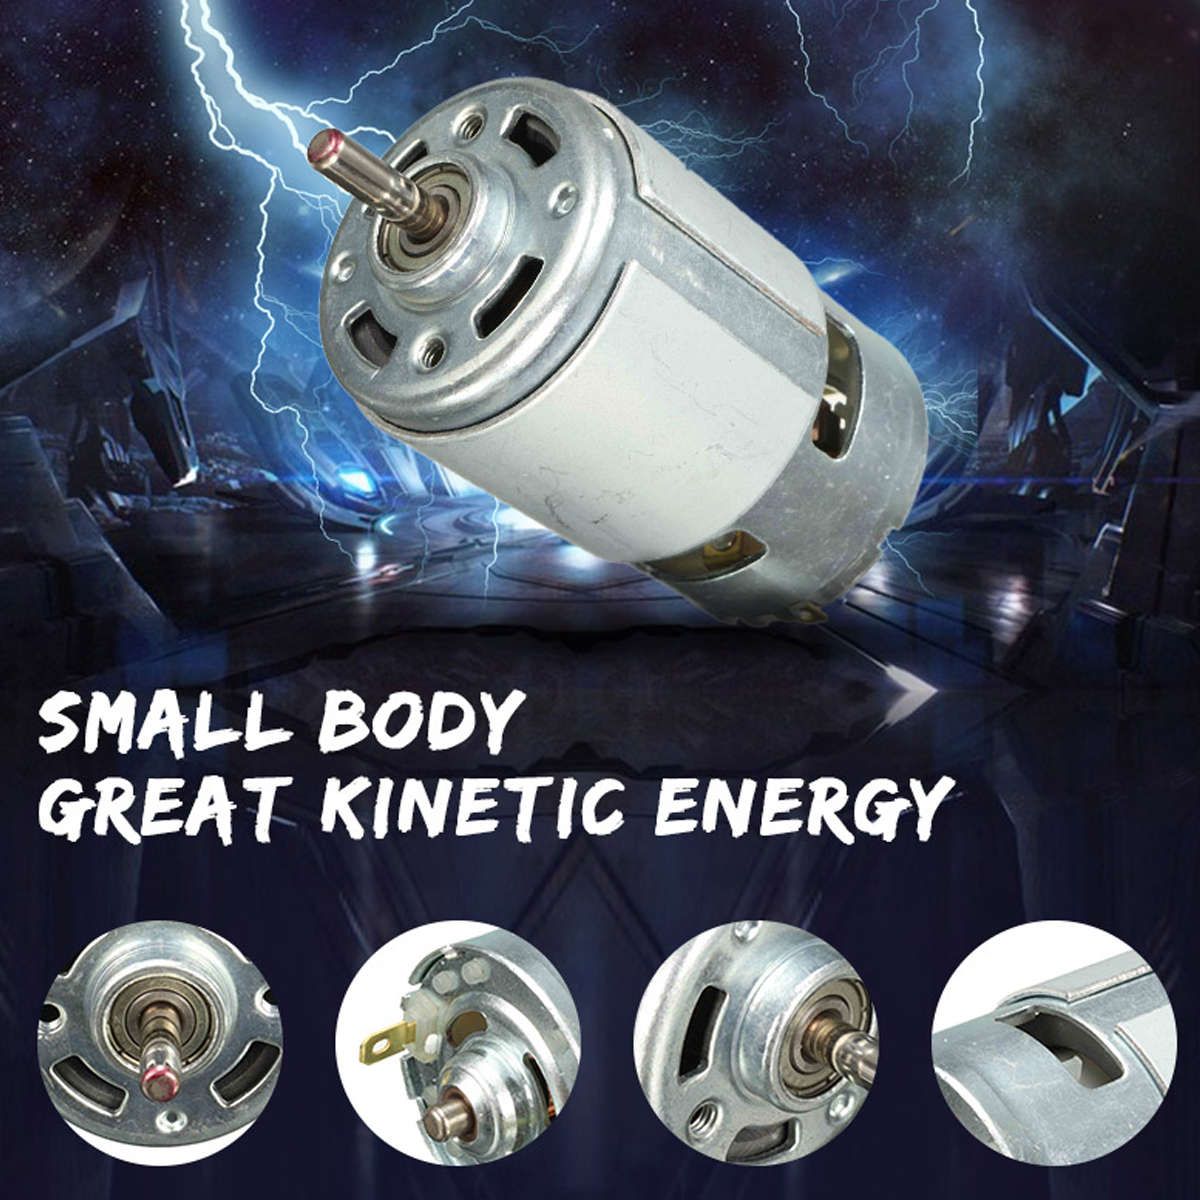 DC 12 v 100 W 1300015000 rpm 775 motor High speed Große drehmoment DC motor Elektrische werkzeug Elektrische maschinen Beste preis